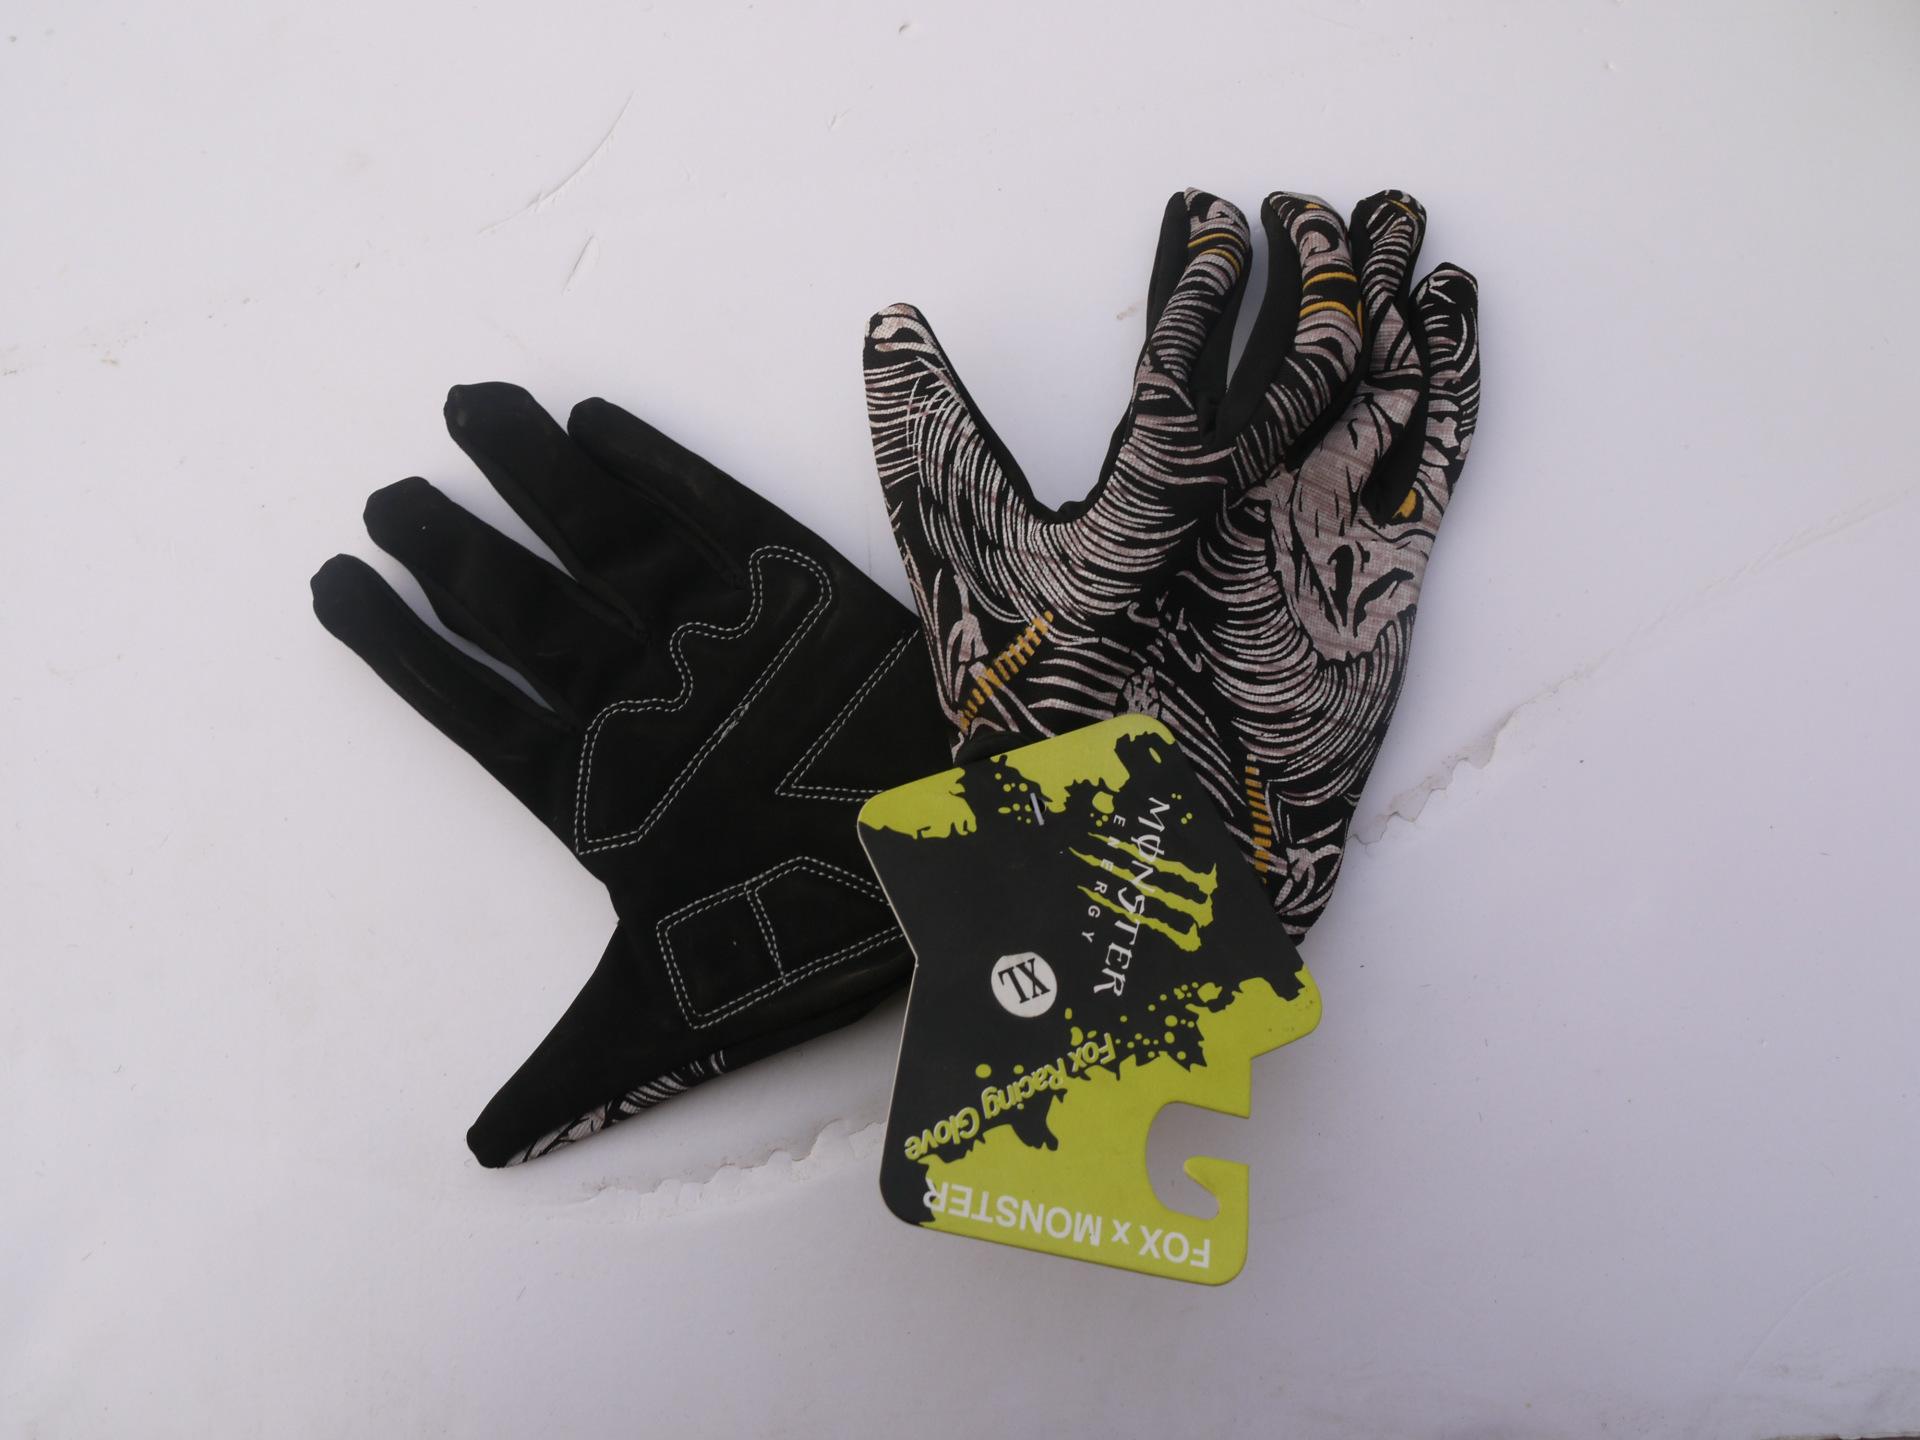 厂家直销,山地车手套。全指手套,骑行手套,鬼爪全指手套。